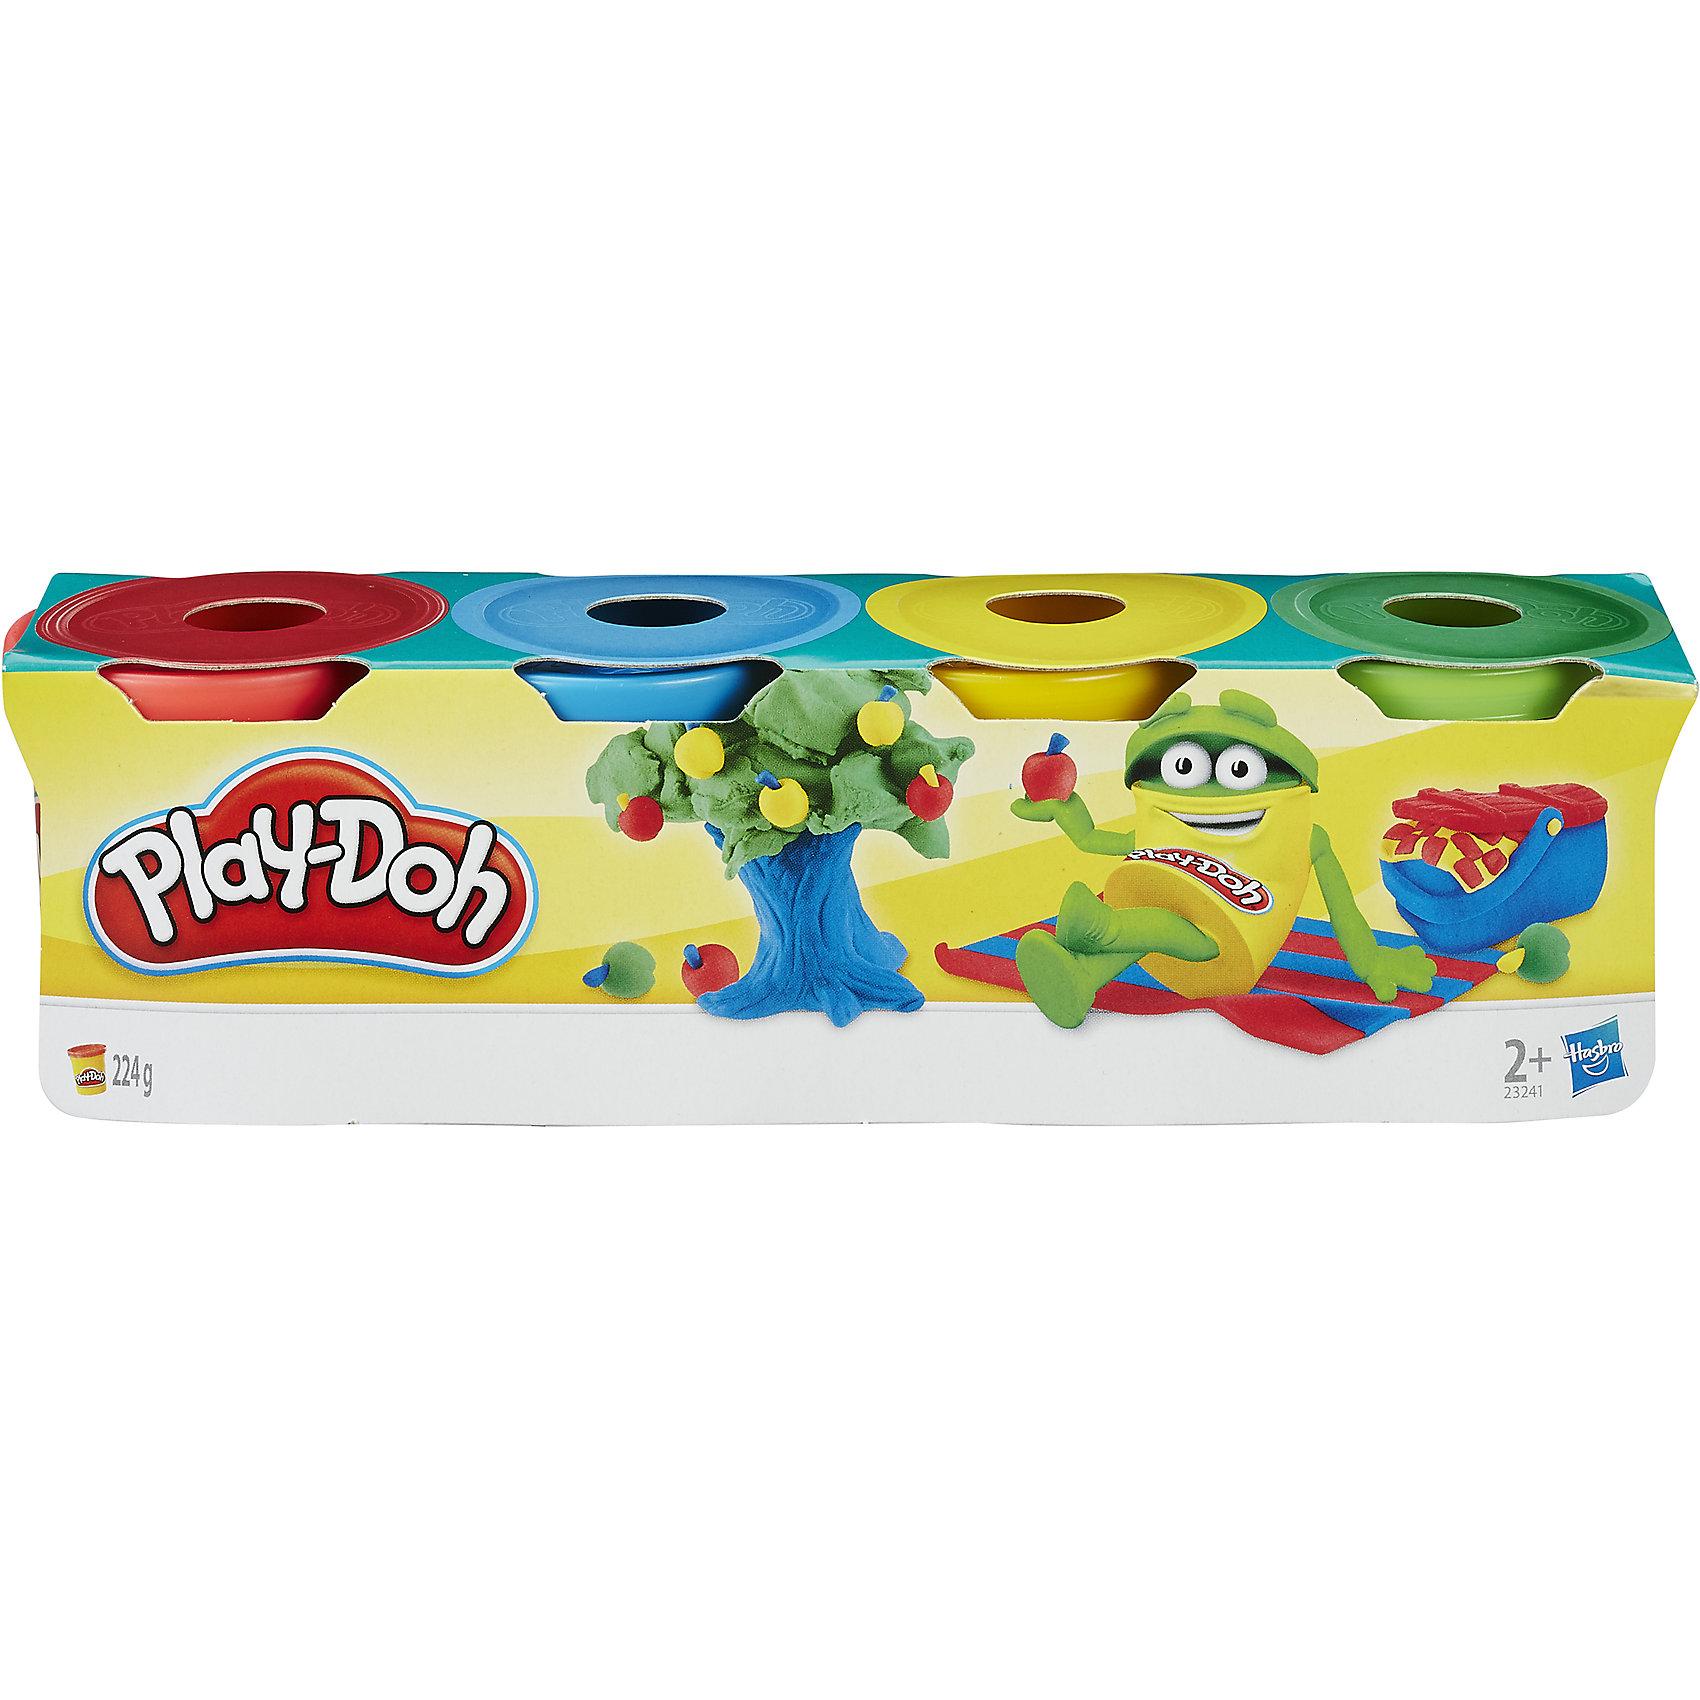 Набор из 4 мини-баночек, Play-Doh, HasbroИдеи подарков<br>Набор из 4-х баночек  Play-Doh призван стимулировать творчество и воображение. Используй основные цвета или смешивай их, чтобы получить новую палитру цветов. В ассортименте основные, яркие  цвета.<br><br>Ширина мм: 54<br>Глубина мм: 210<br>Высота мм: 57<br>Вес г: 300<br>Возраст от месяцев: 24<br>Возраст до месяцев: 2147483647<br>Пол: Унисекс<br>Возраст: Детский<br>SKU: 6674416